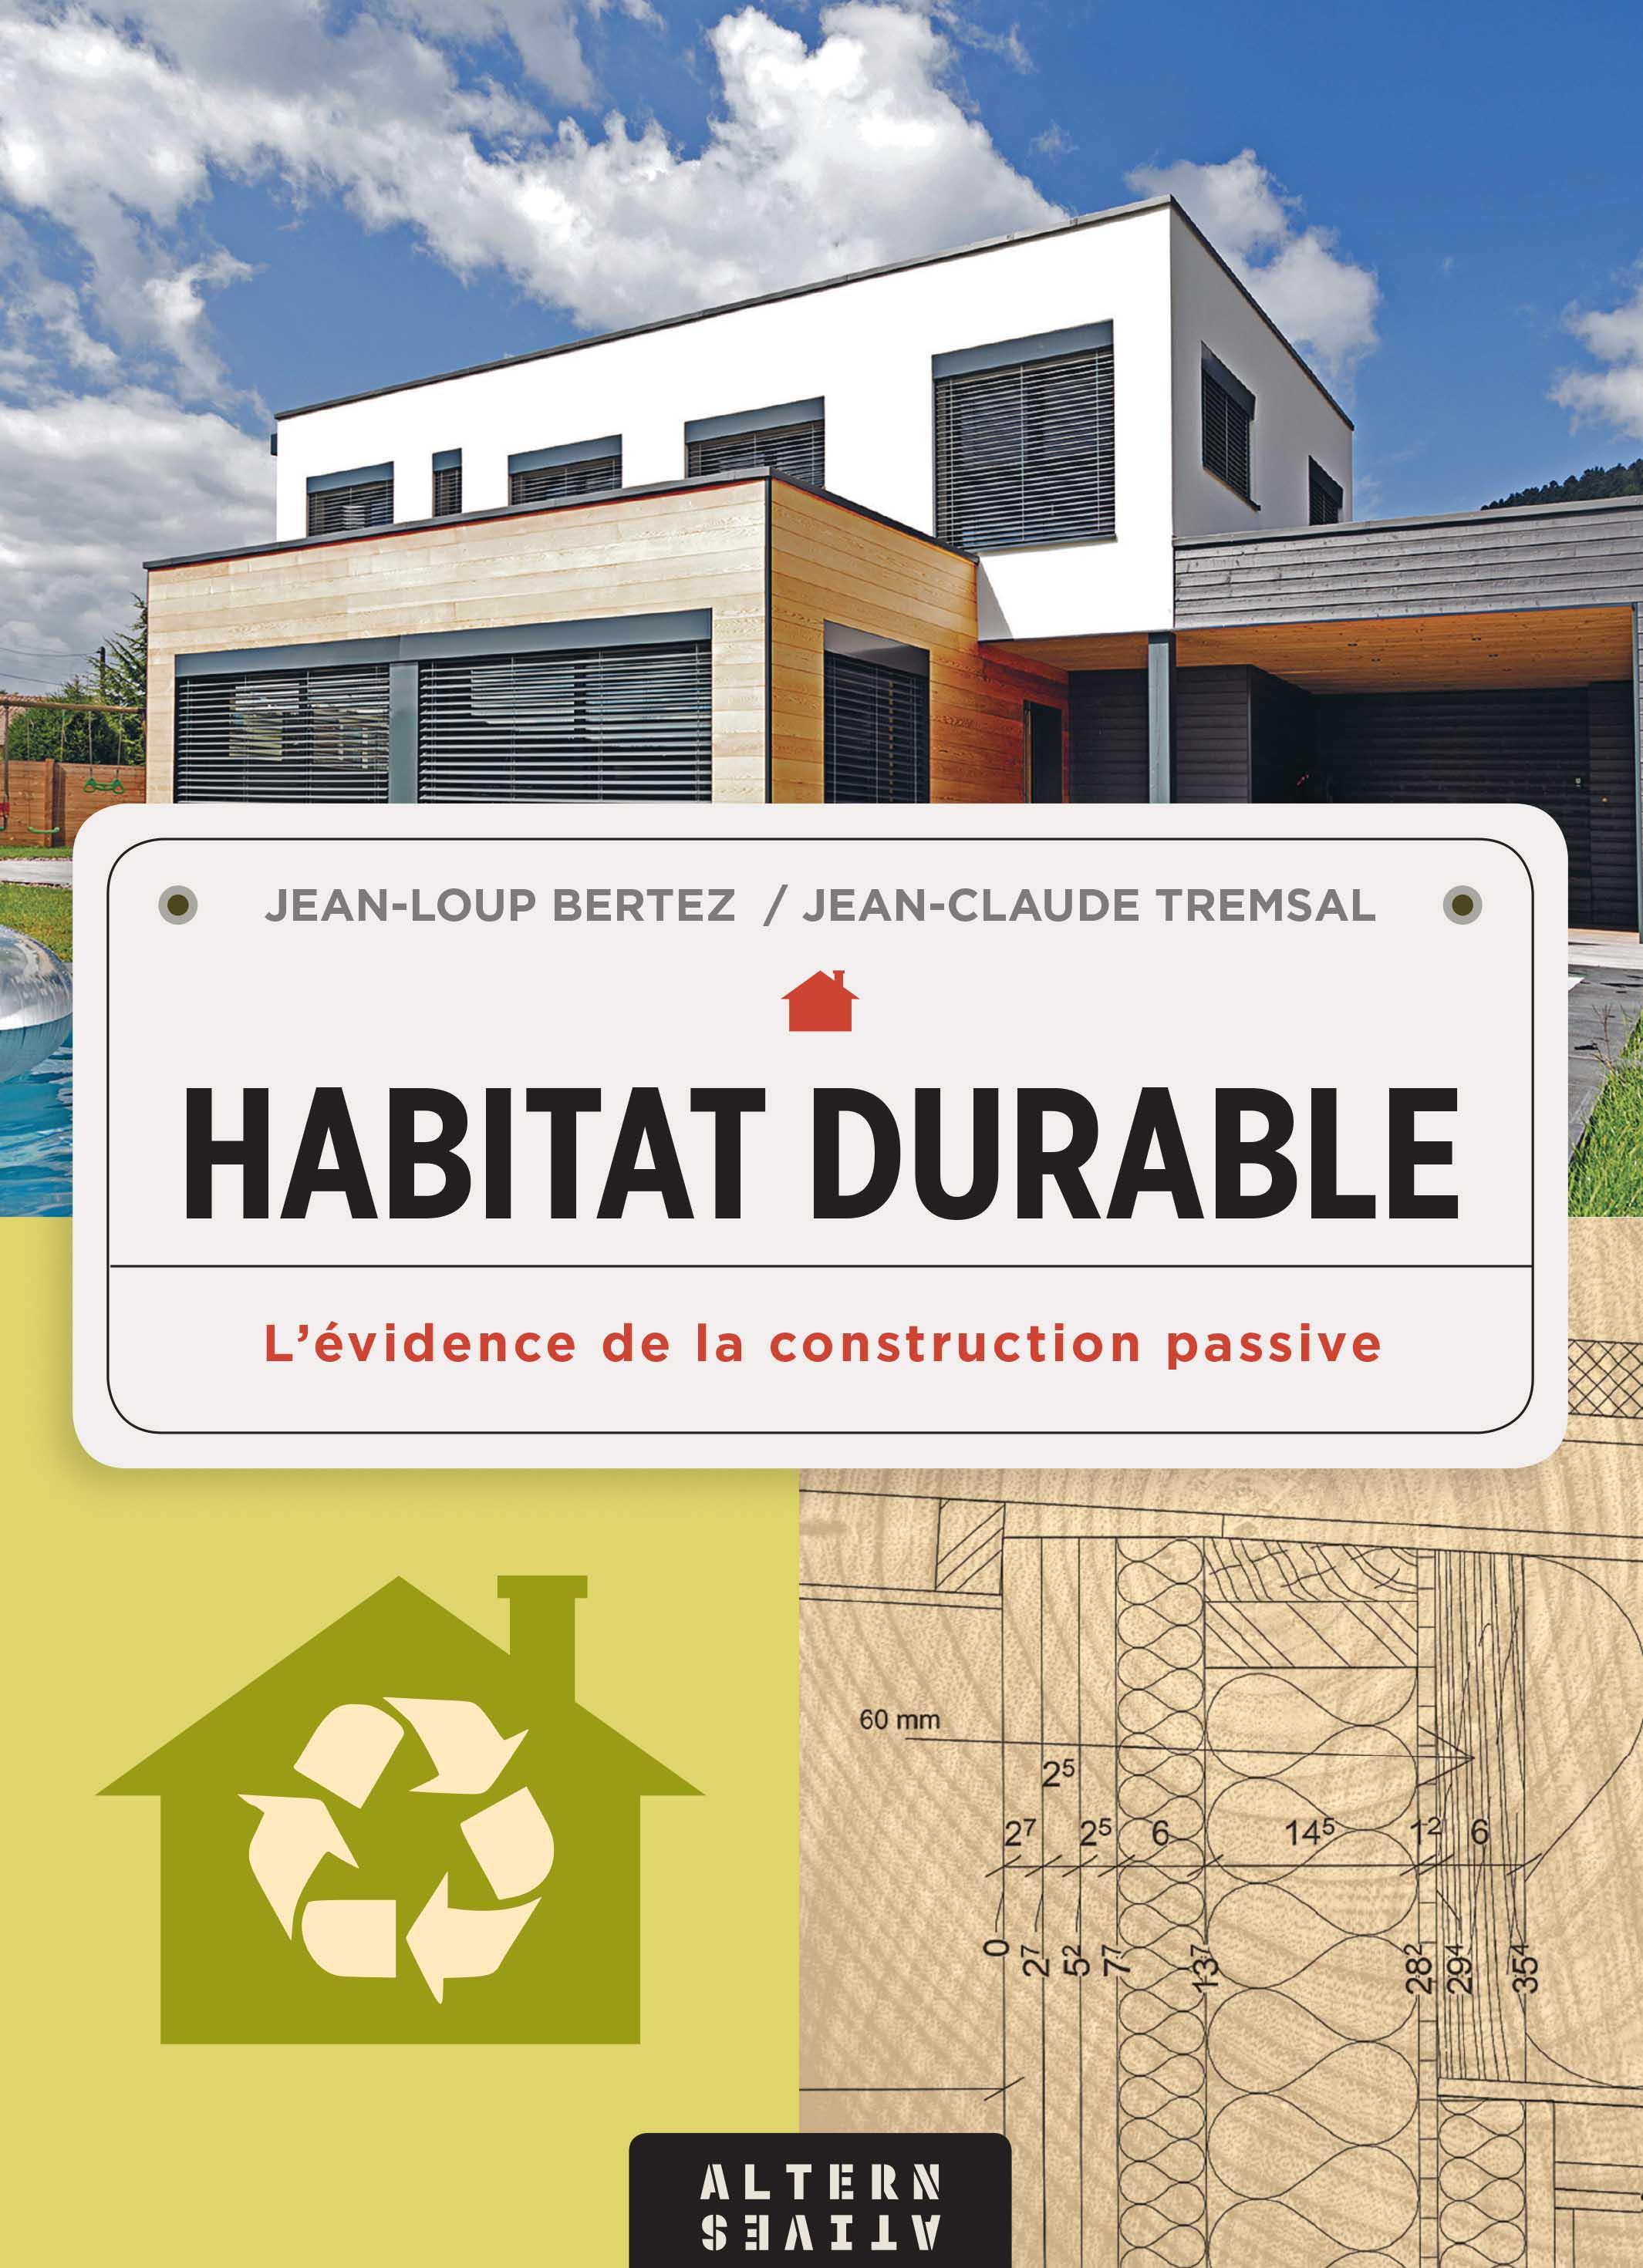 Habitat durable, l'évidence de la construction passive